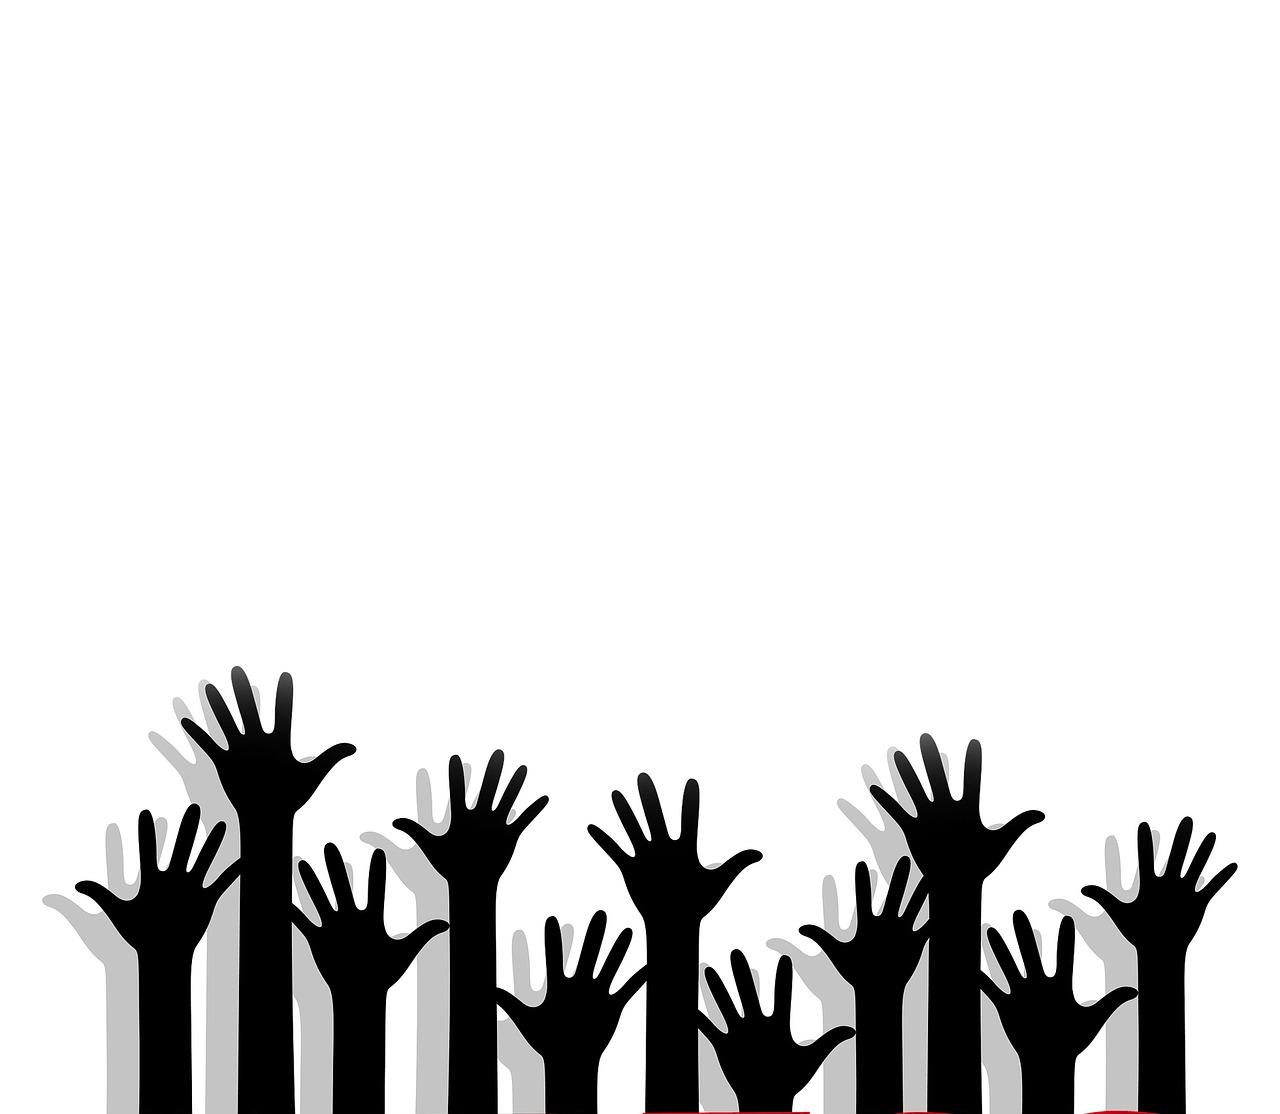 volunteer, help, service-1550322.jpg